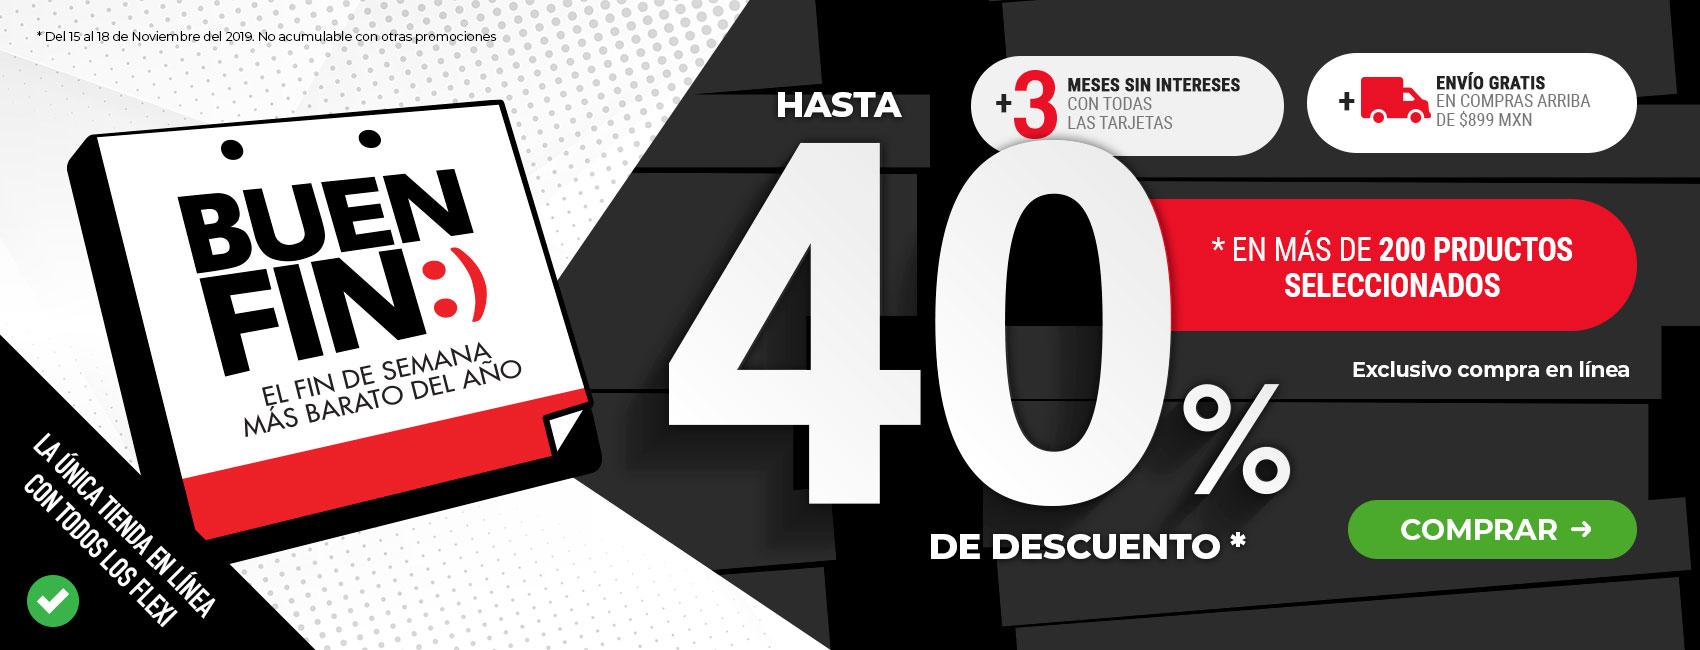 Ofertas Buen Fin Flexi: Hasta 40% de descuento en zapatos Flexi!